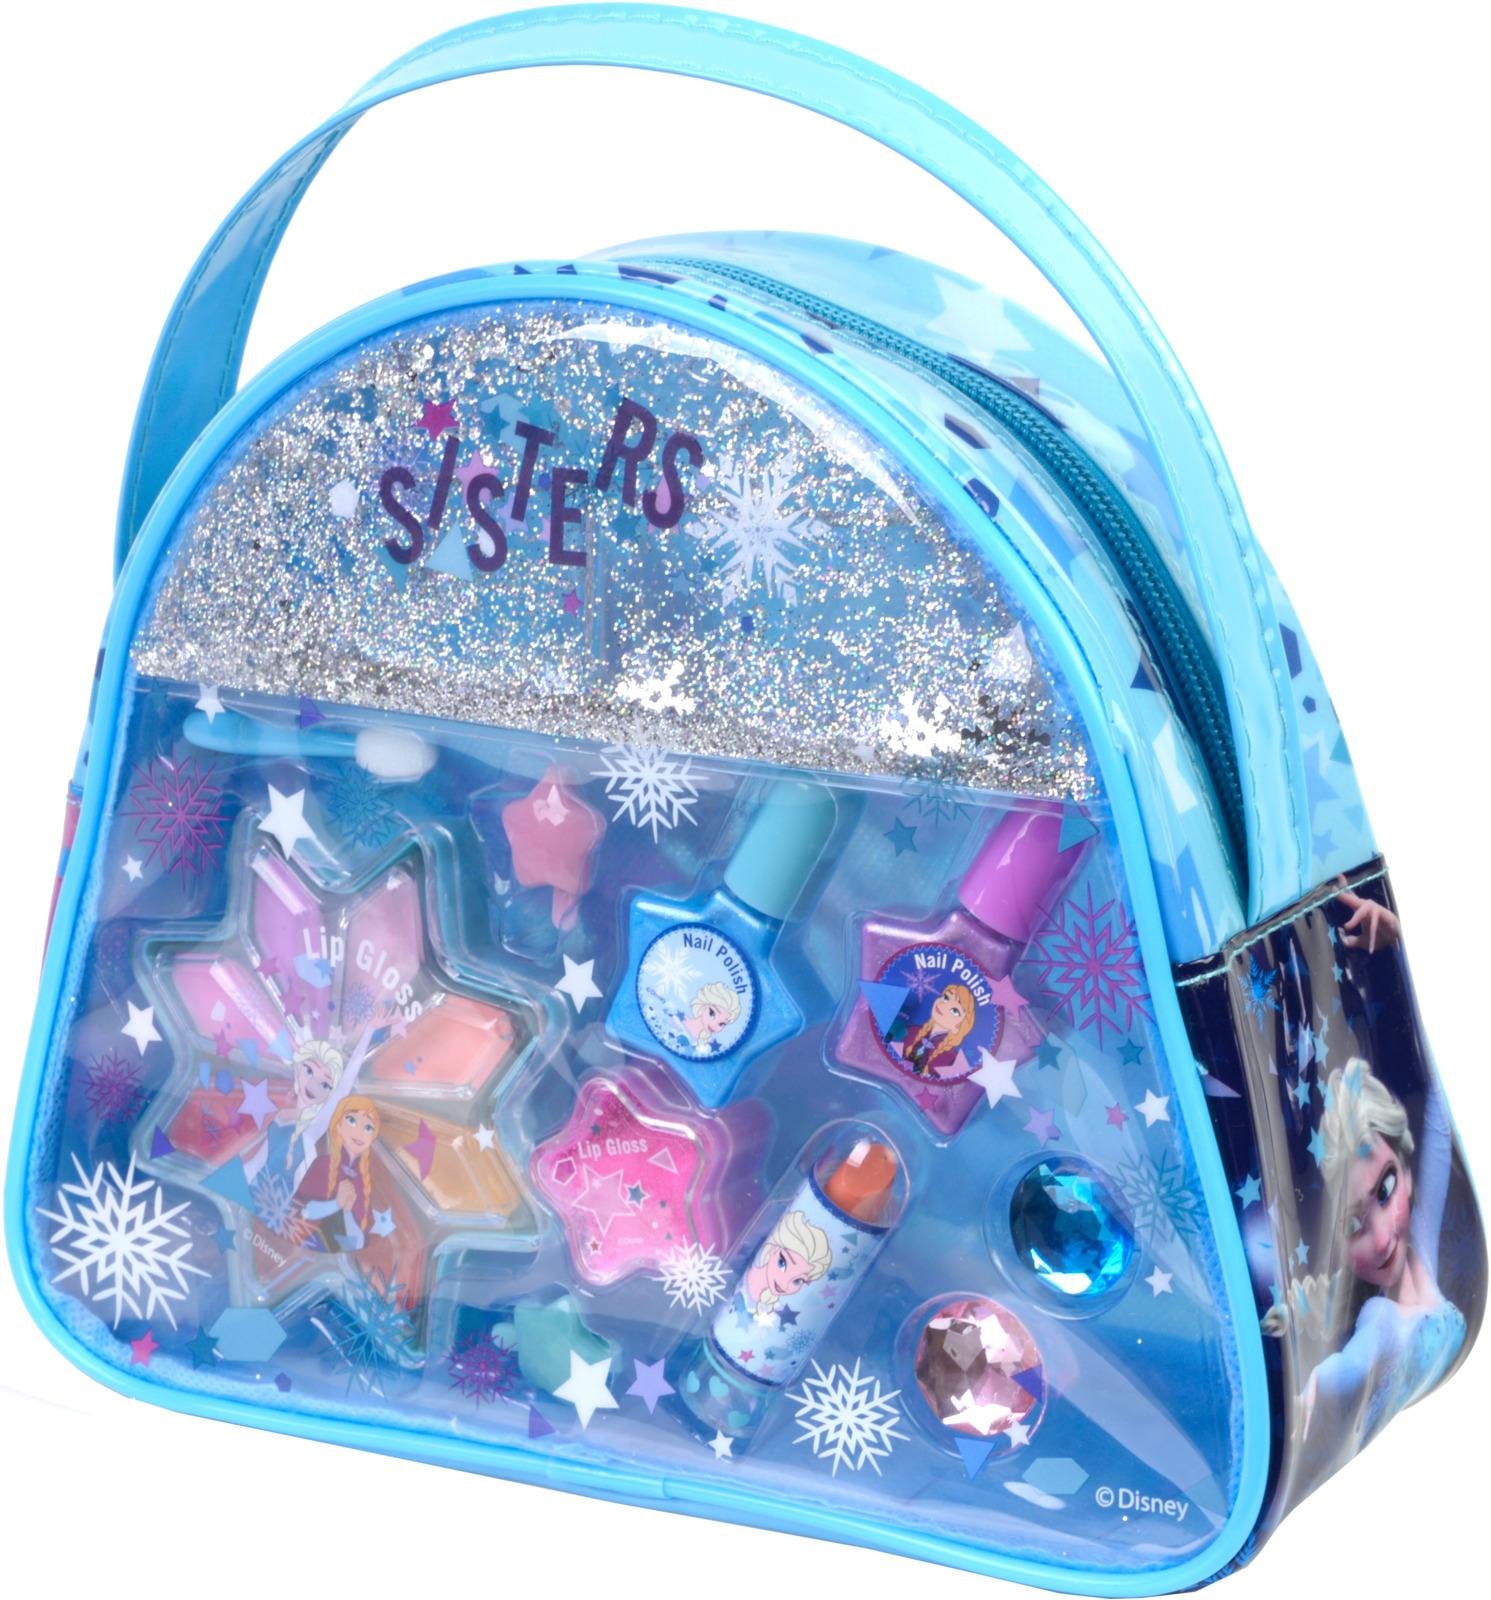 Игровой набор детской декоративной косметики Markwins Frozen. 9800351 markwins minnie большой игровой набор детской декоративной косметики для ногтей